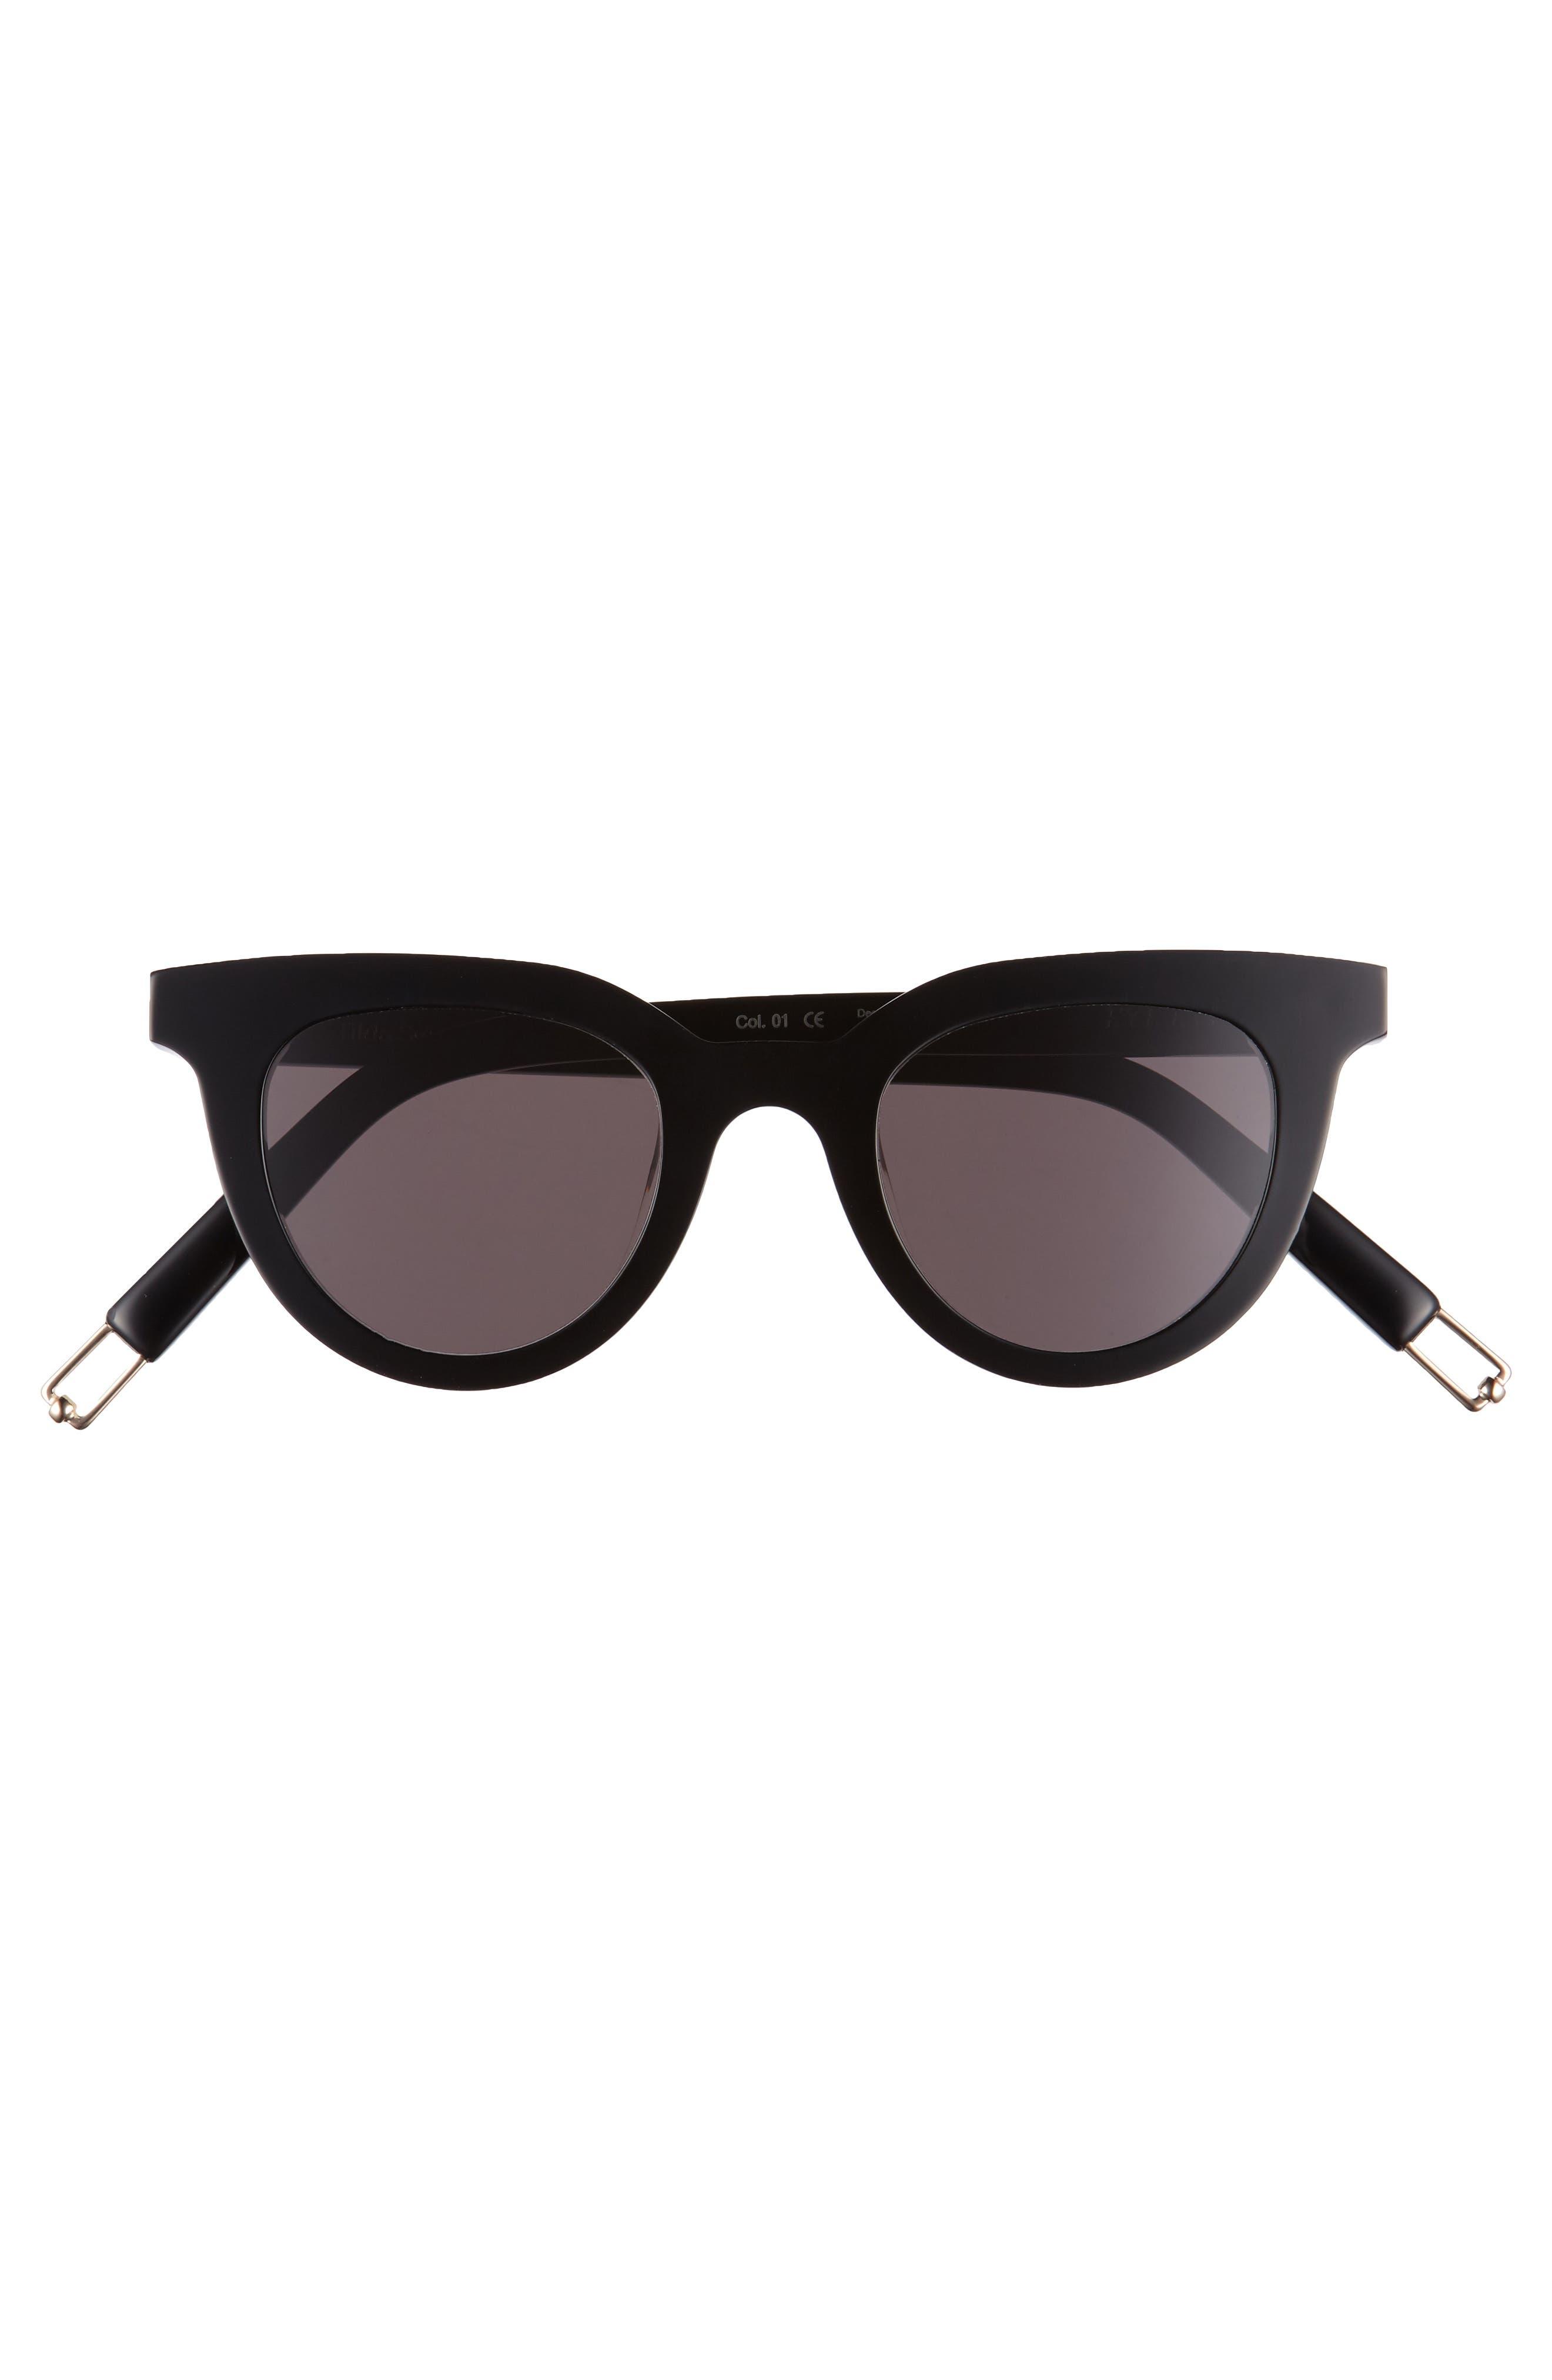 GENTLE MONSTER,                             Eye Eye 45mm Cat Eye Sunglasses,                             Alternate thumbnail 3, color,                             001